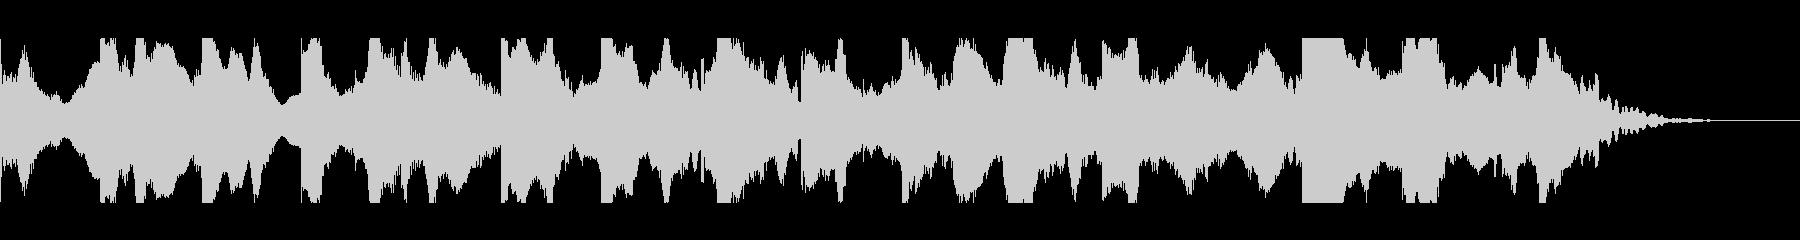 不穏な雰囲気のBGMの未再生の波形